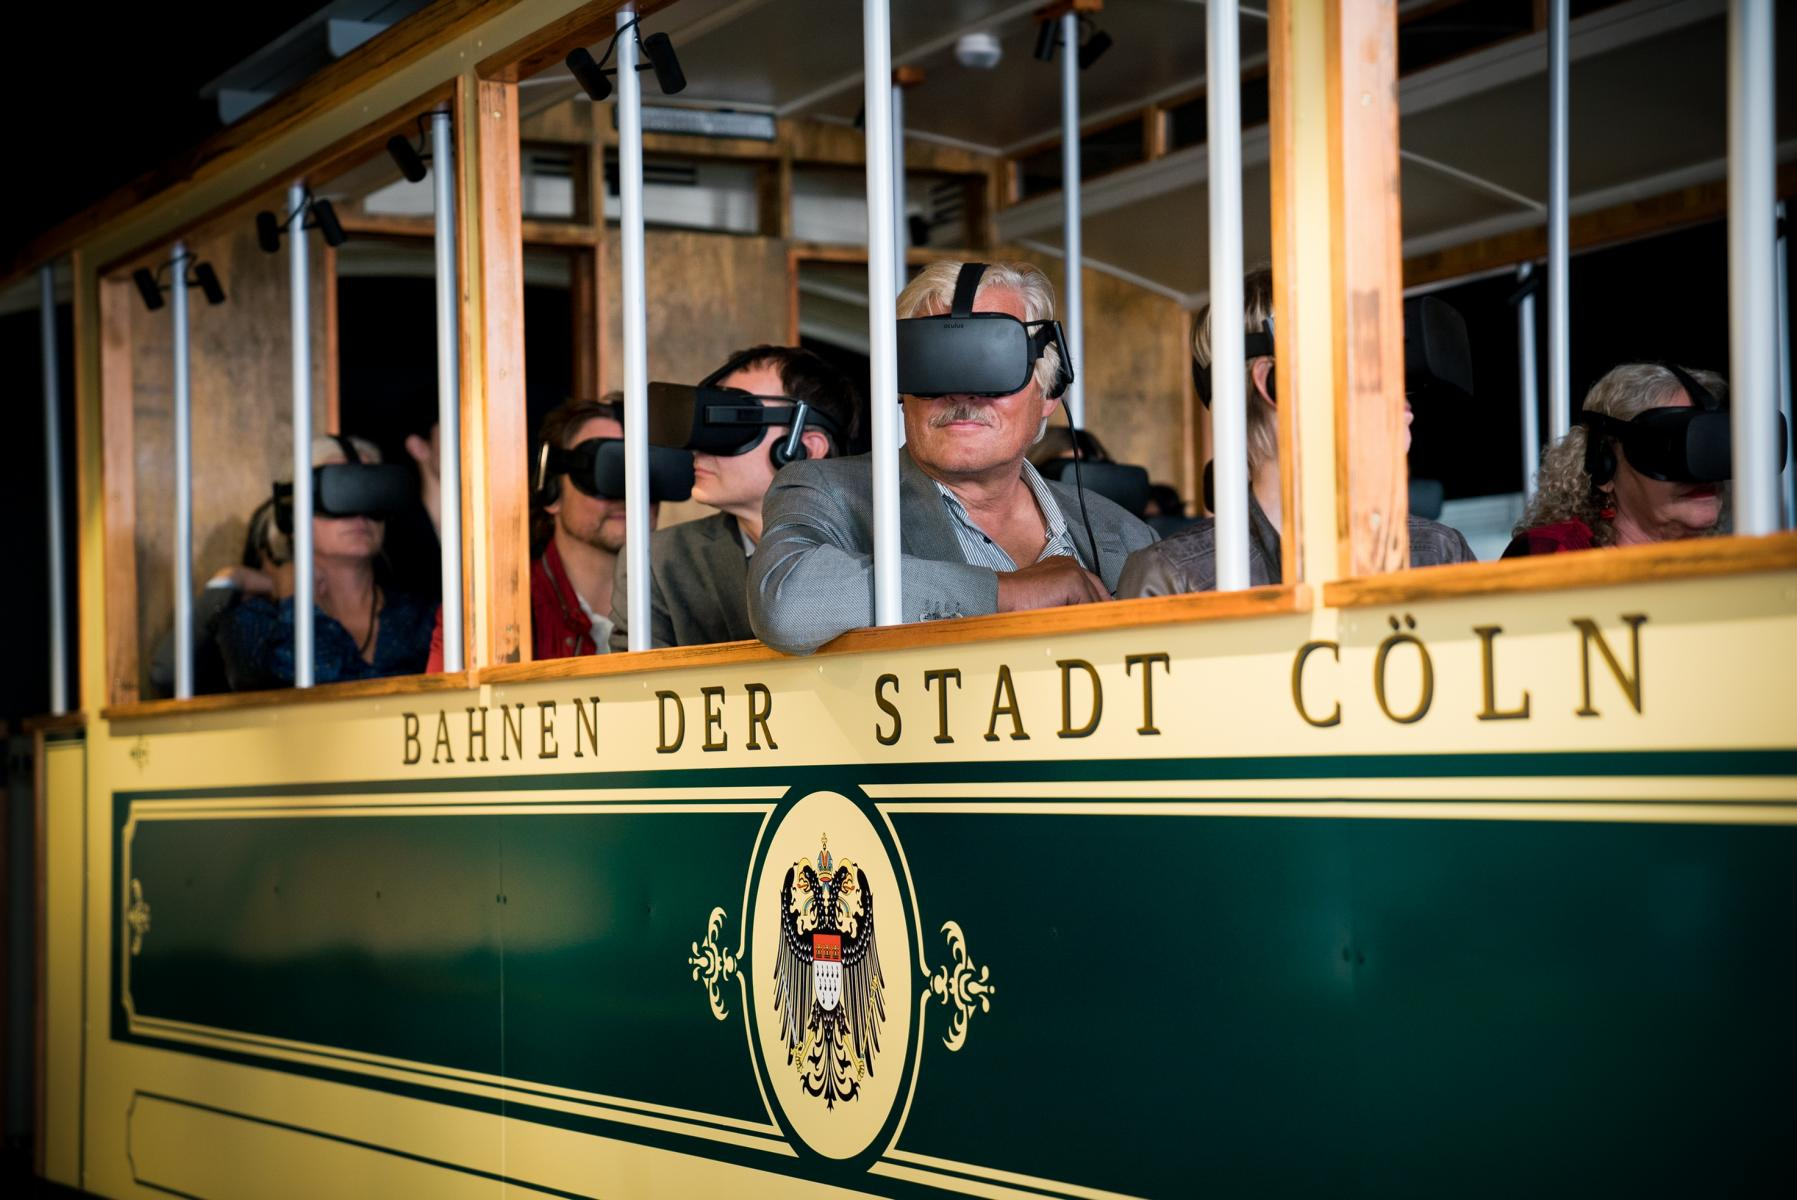 TimeRide Köln mit neuer VR-Experience – Eine Zeitreise ins Köln der Goldenen Zwanziger